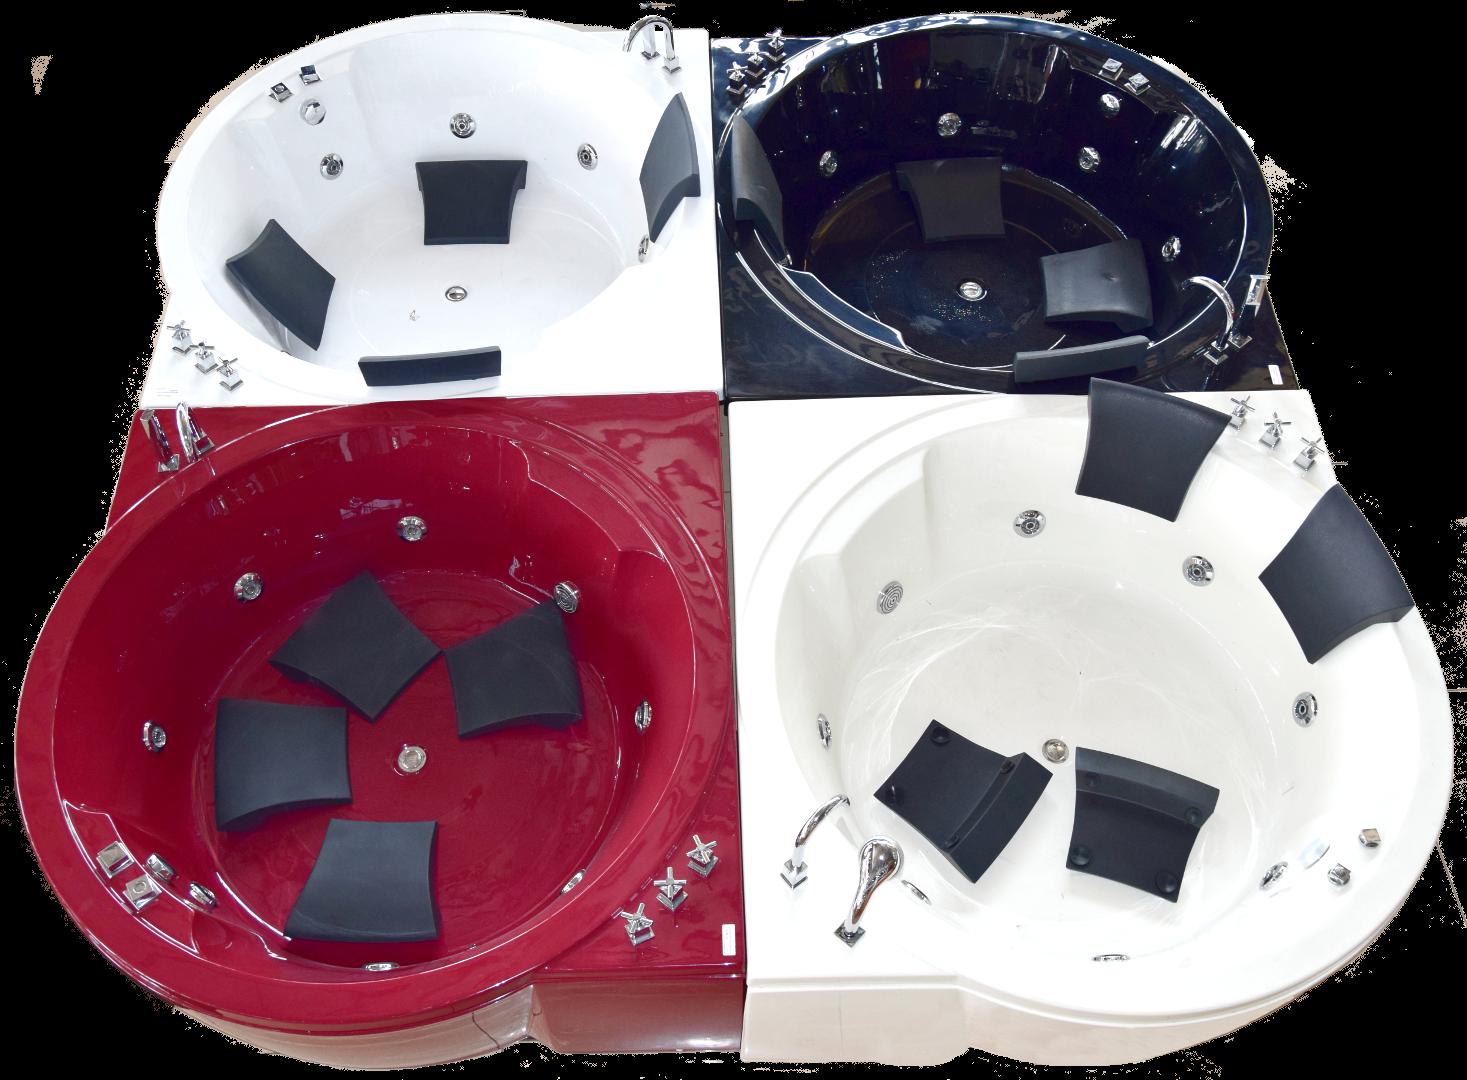 Cod: BL-3208B (negro), COD: BL-3208A (rojo), Cod: BL-3208I(ivory)  Cod: BL-3208W (blanco)